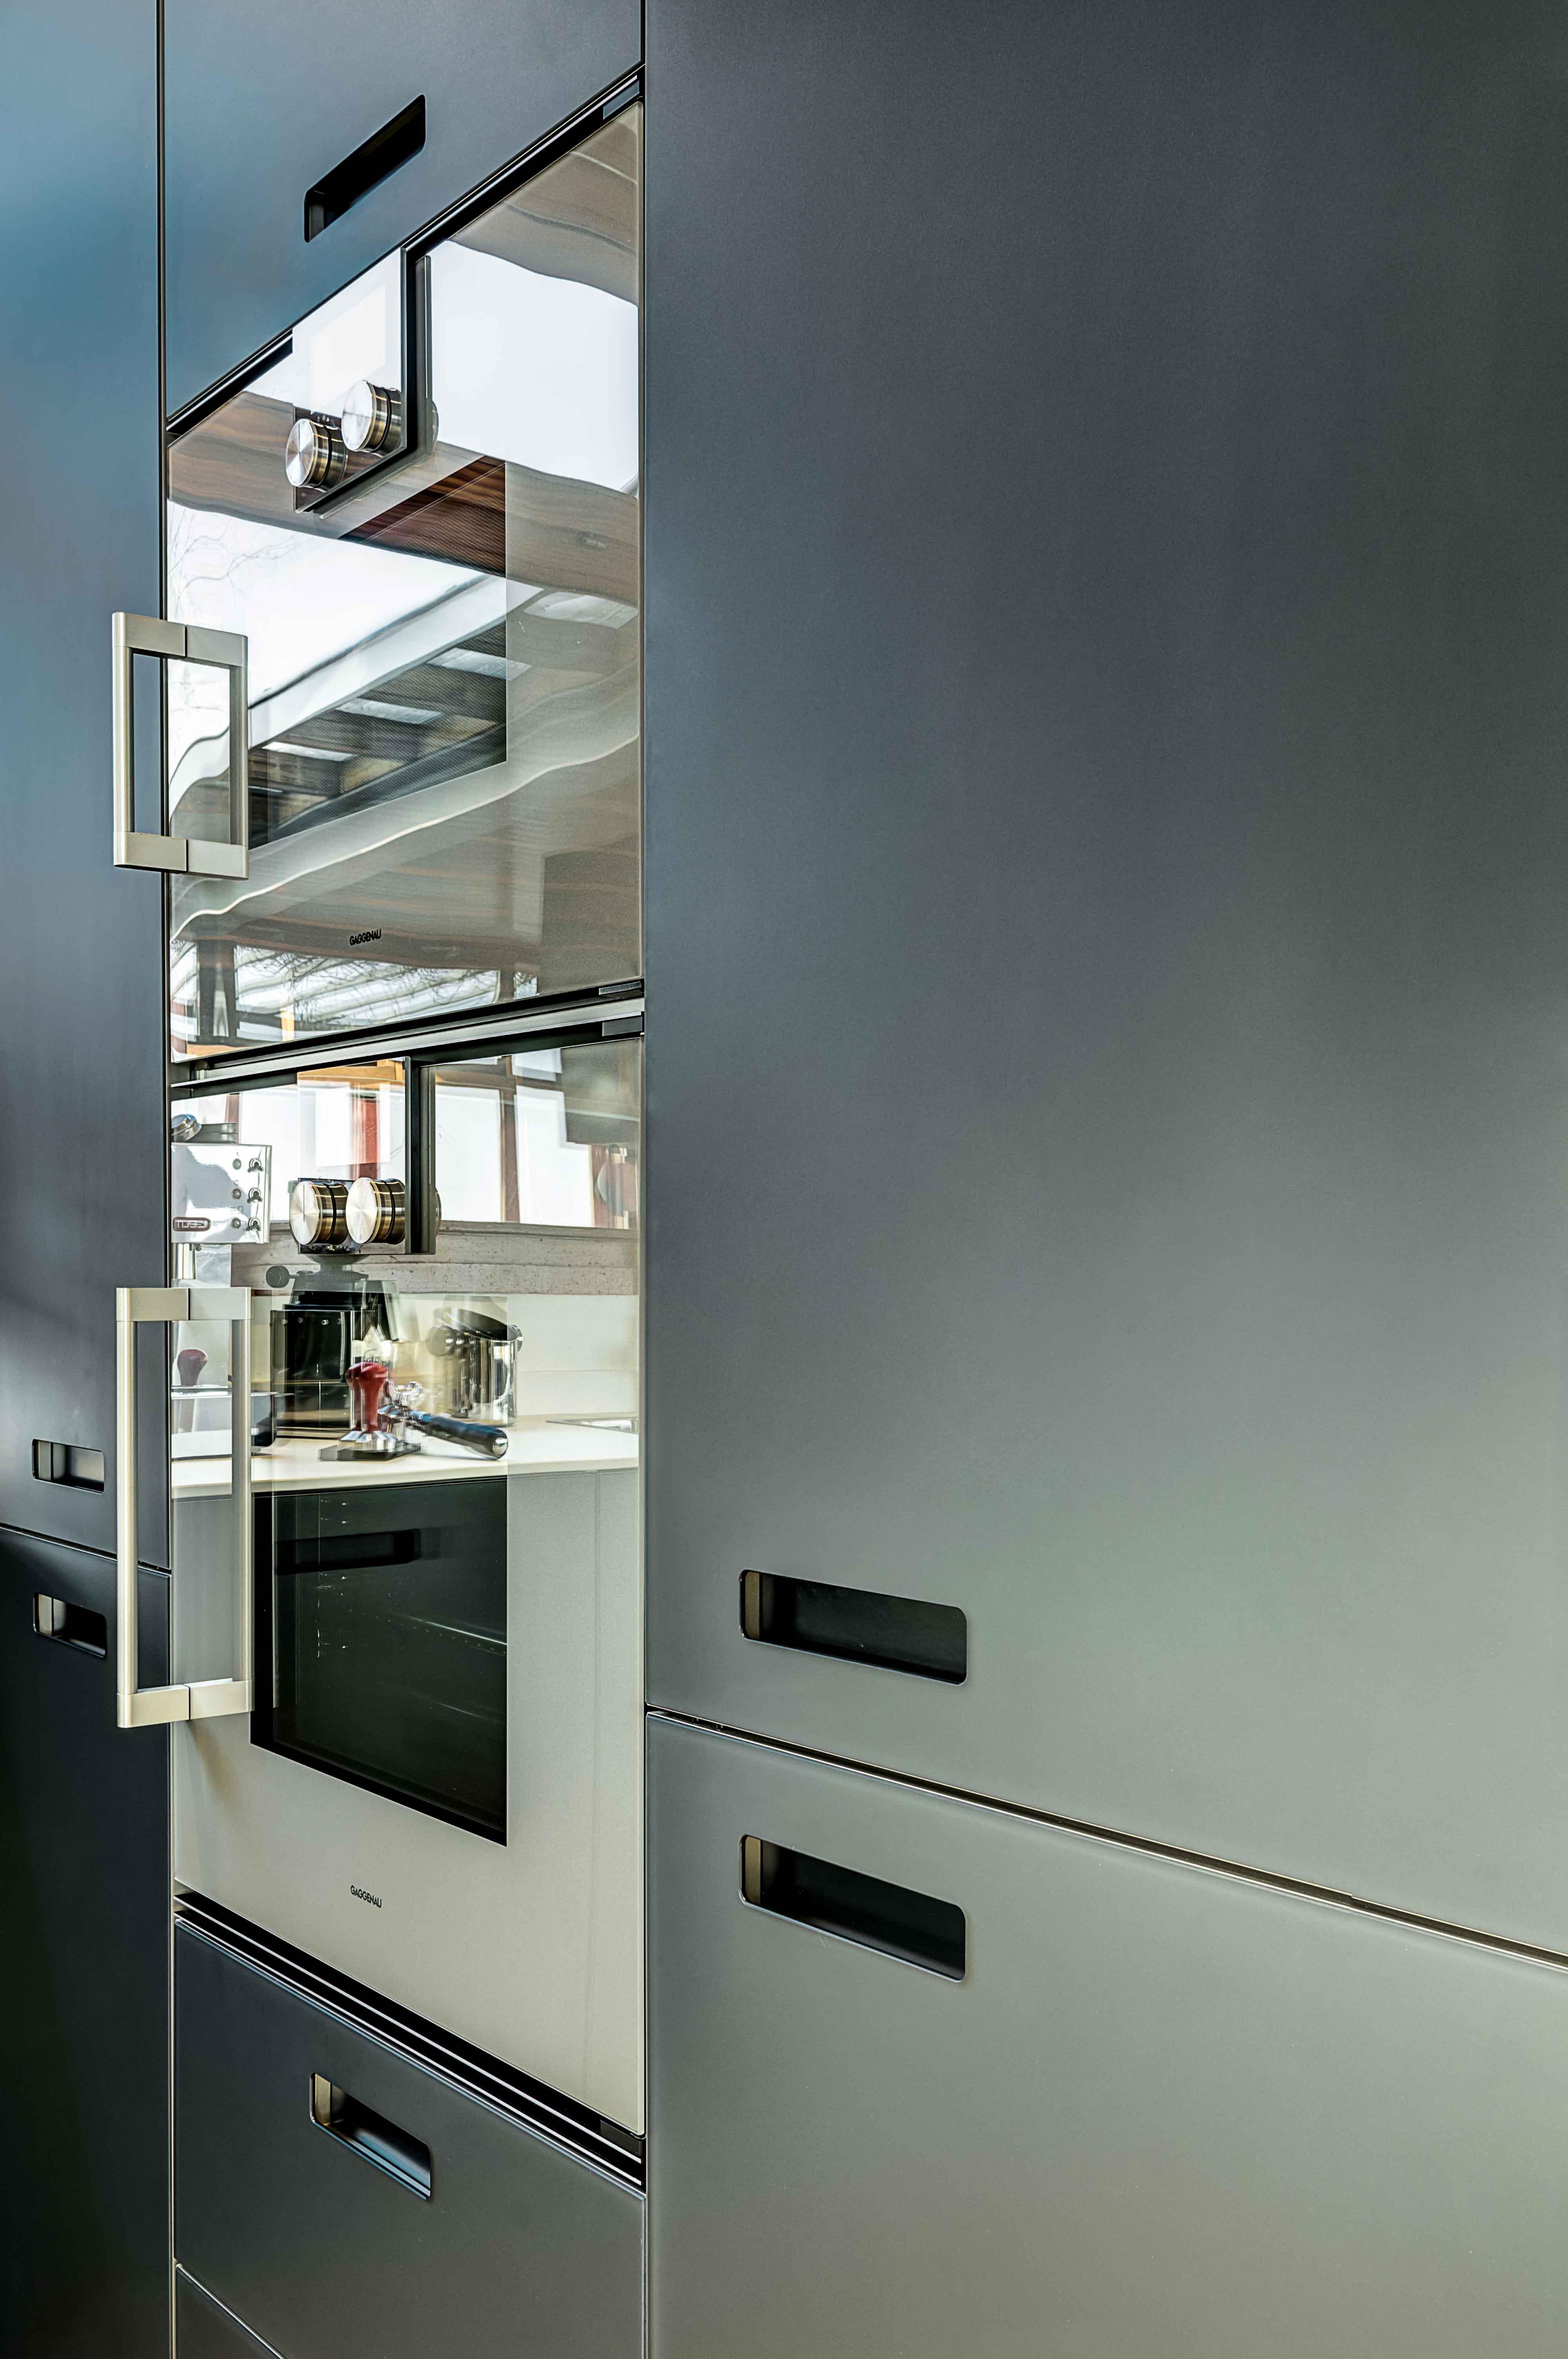 Installation de cuisine par professionnels aménagement de l'habitat maison moderne